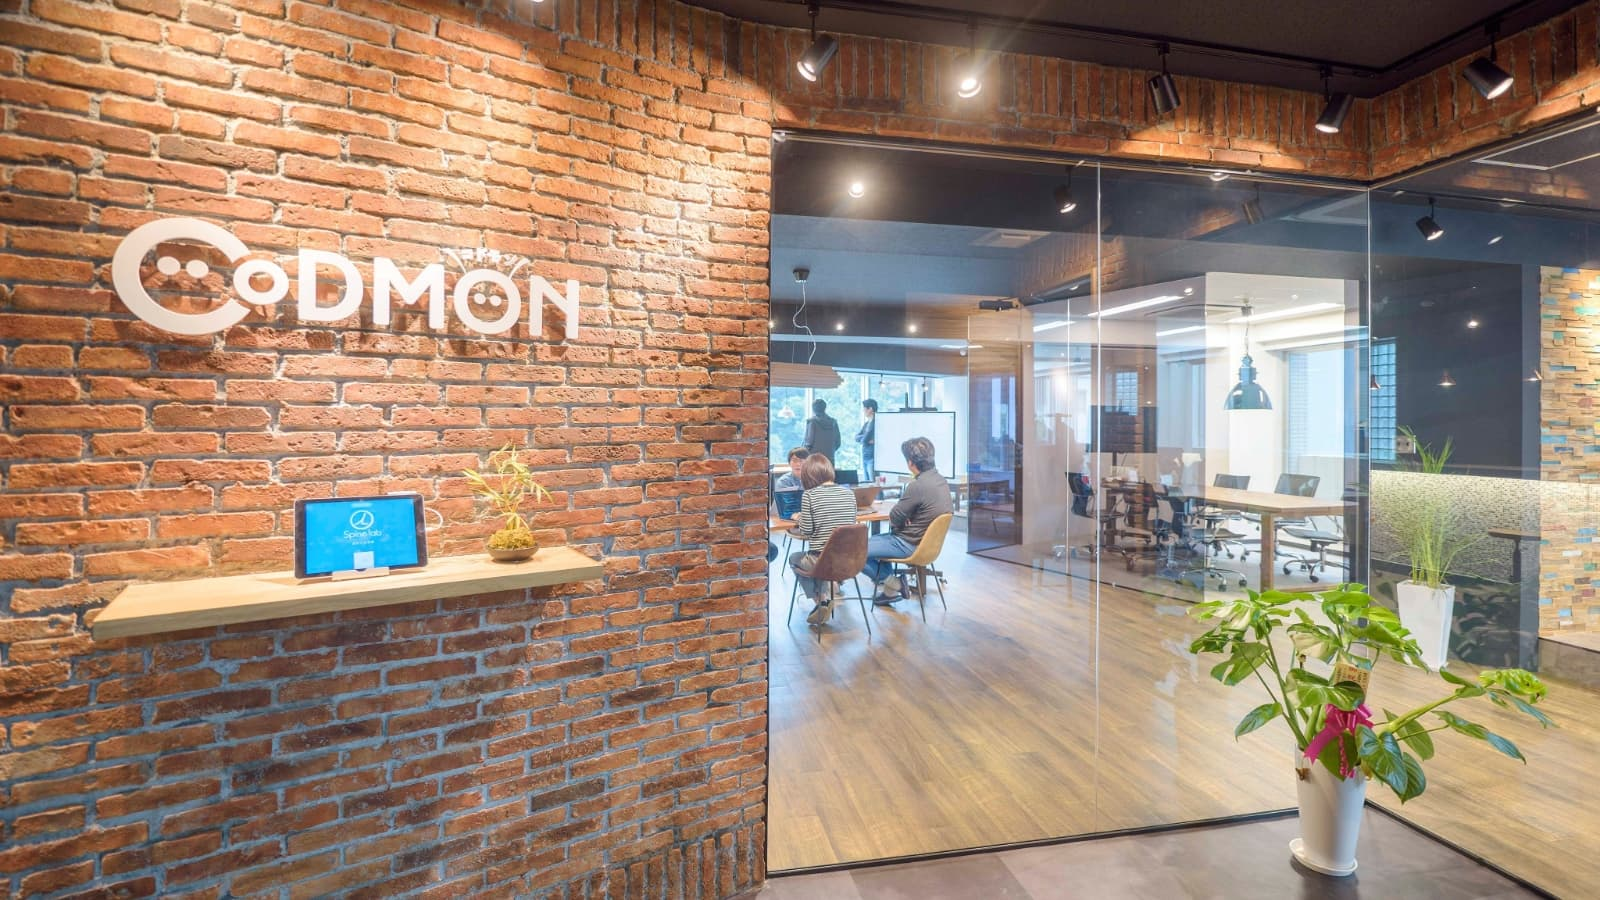 【フレッシュな営業パーソンにおすすめ】コドモン塾「人生に使える営業術」やります